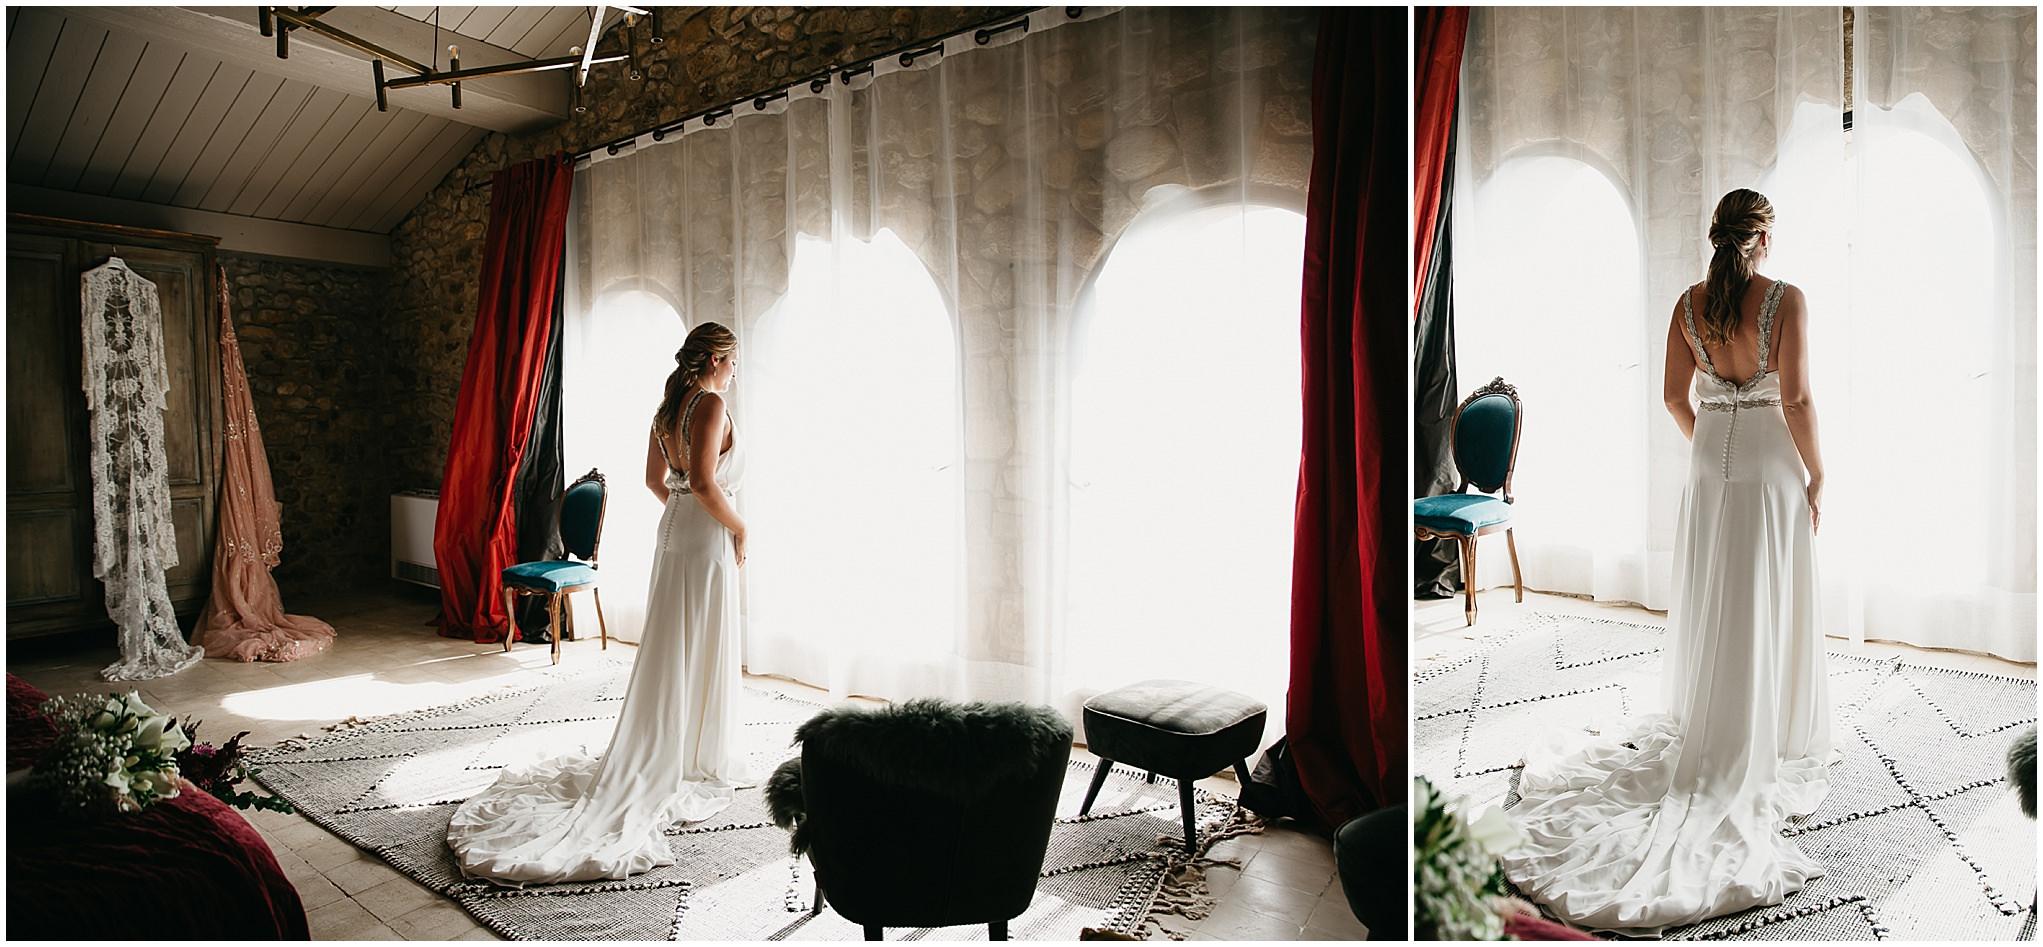 Beto Perez fotógrafo de bodas en el Castillo d'Empordà, mejores y exclusivos lugares de boda en Girona y la Costa Brava, Novia en los preparativos de su boda, fotos de novias en los preparativos, novia en la ventana